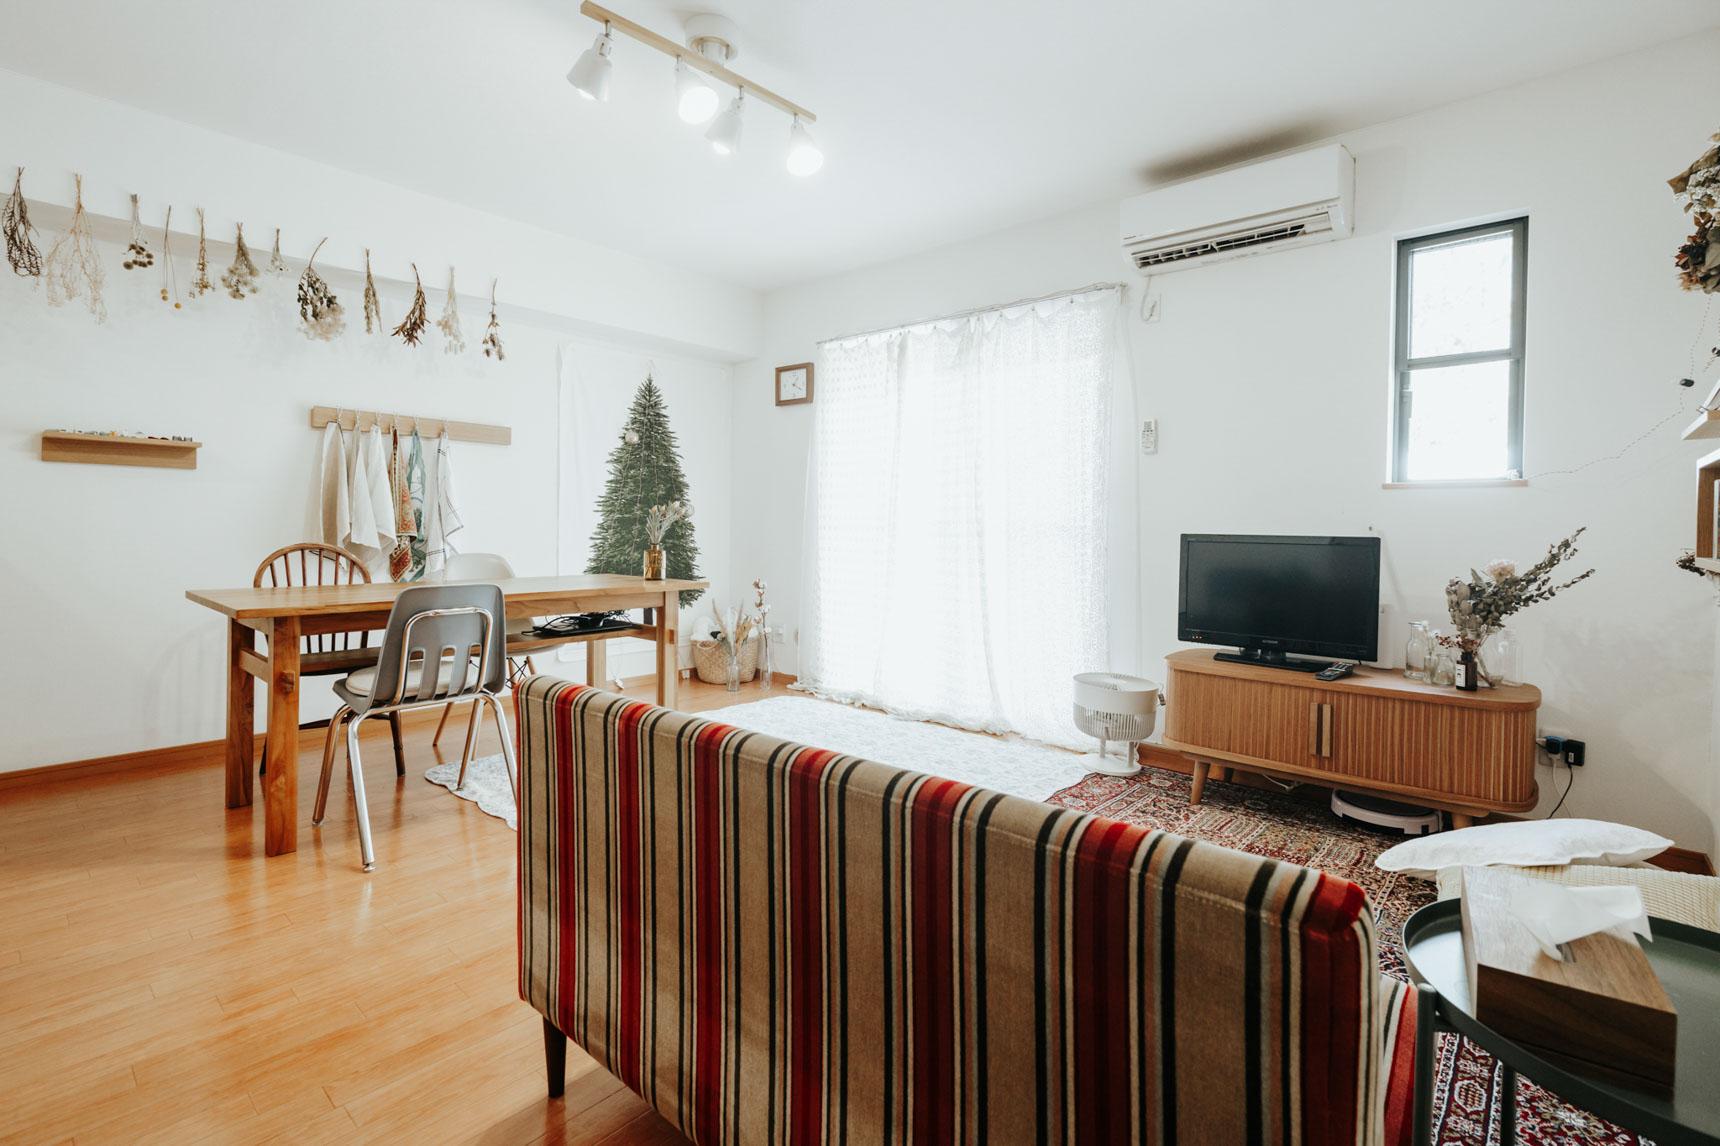 2LDKで二人暮らしをしている方のお部屋。窓際に飾られているのが……